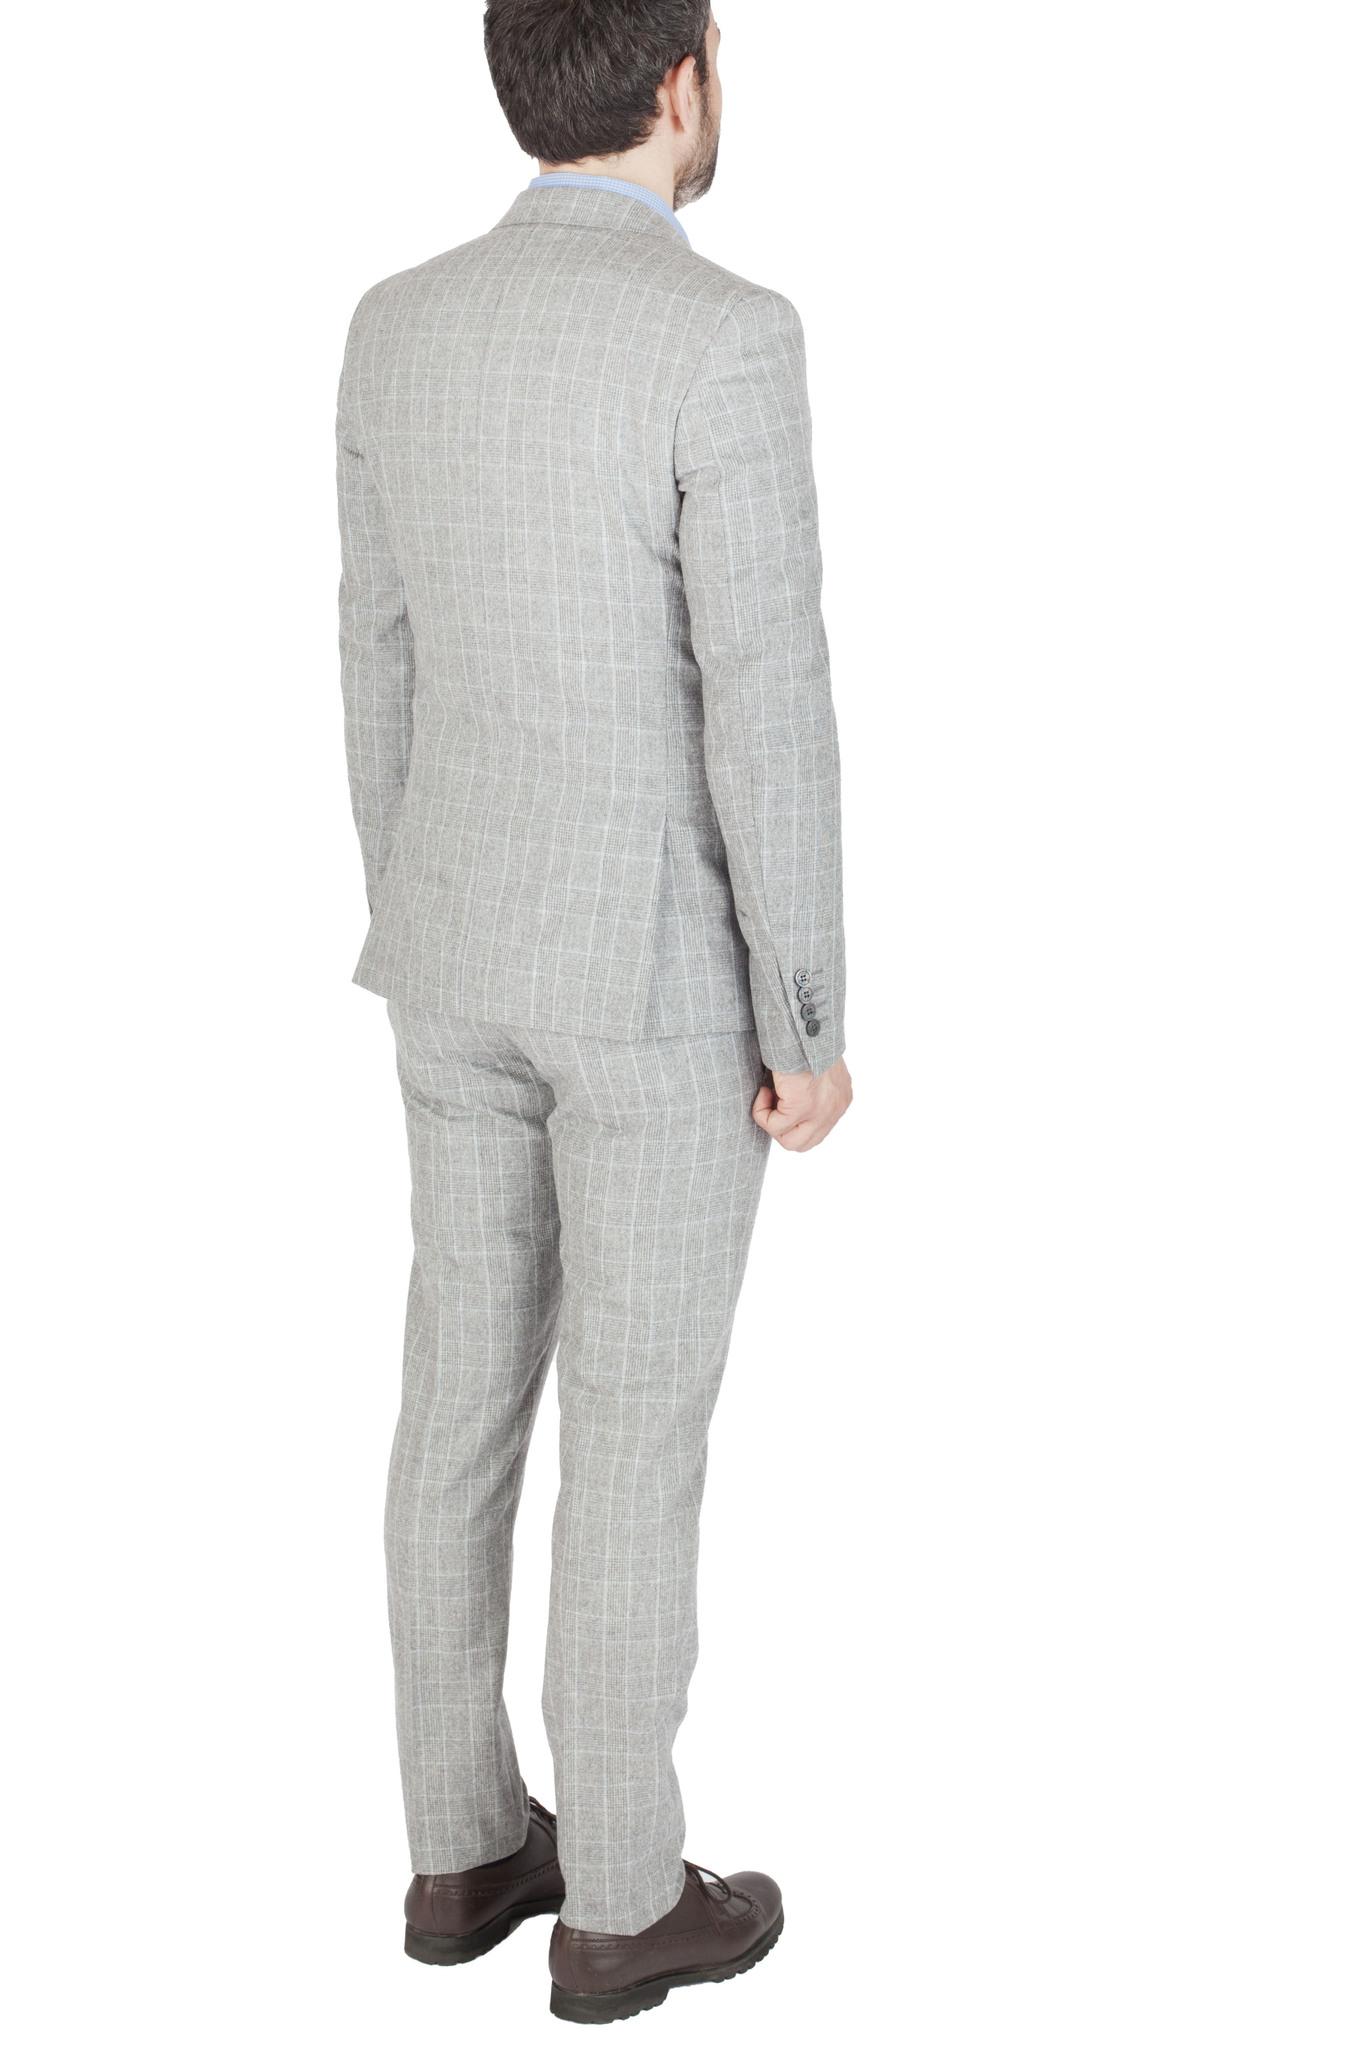 Светло-серый костюм в клетку «Принц Уэльский» из 100%-ной шерсти